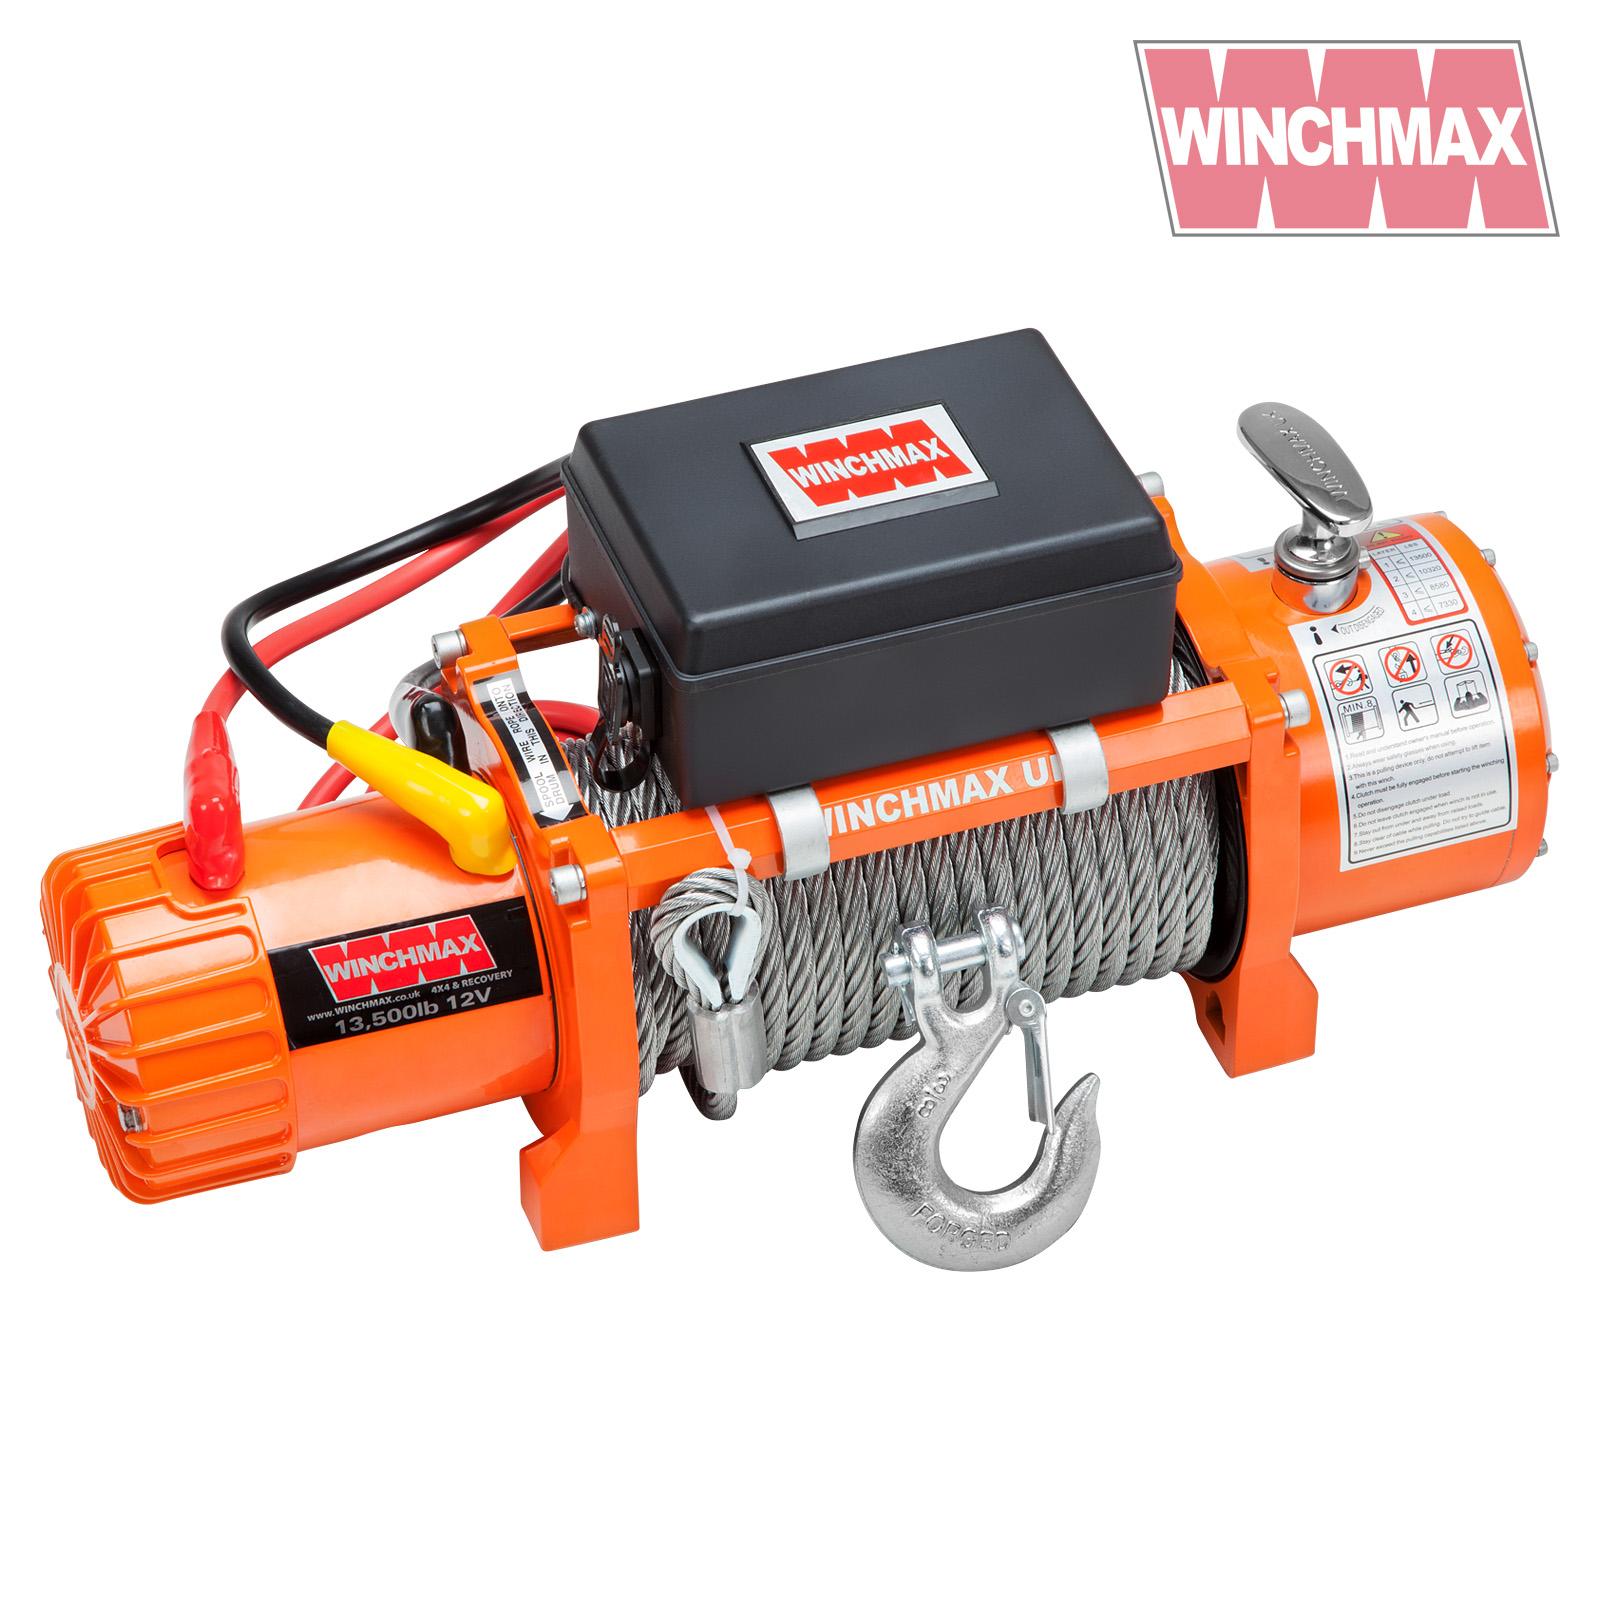 Wm1350012v winchmax 530